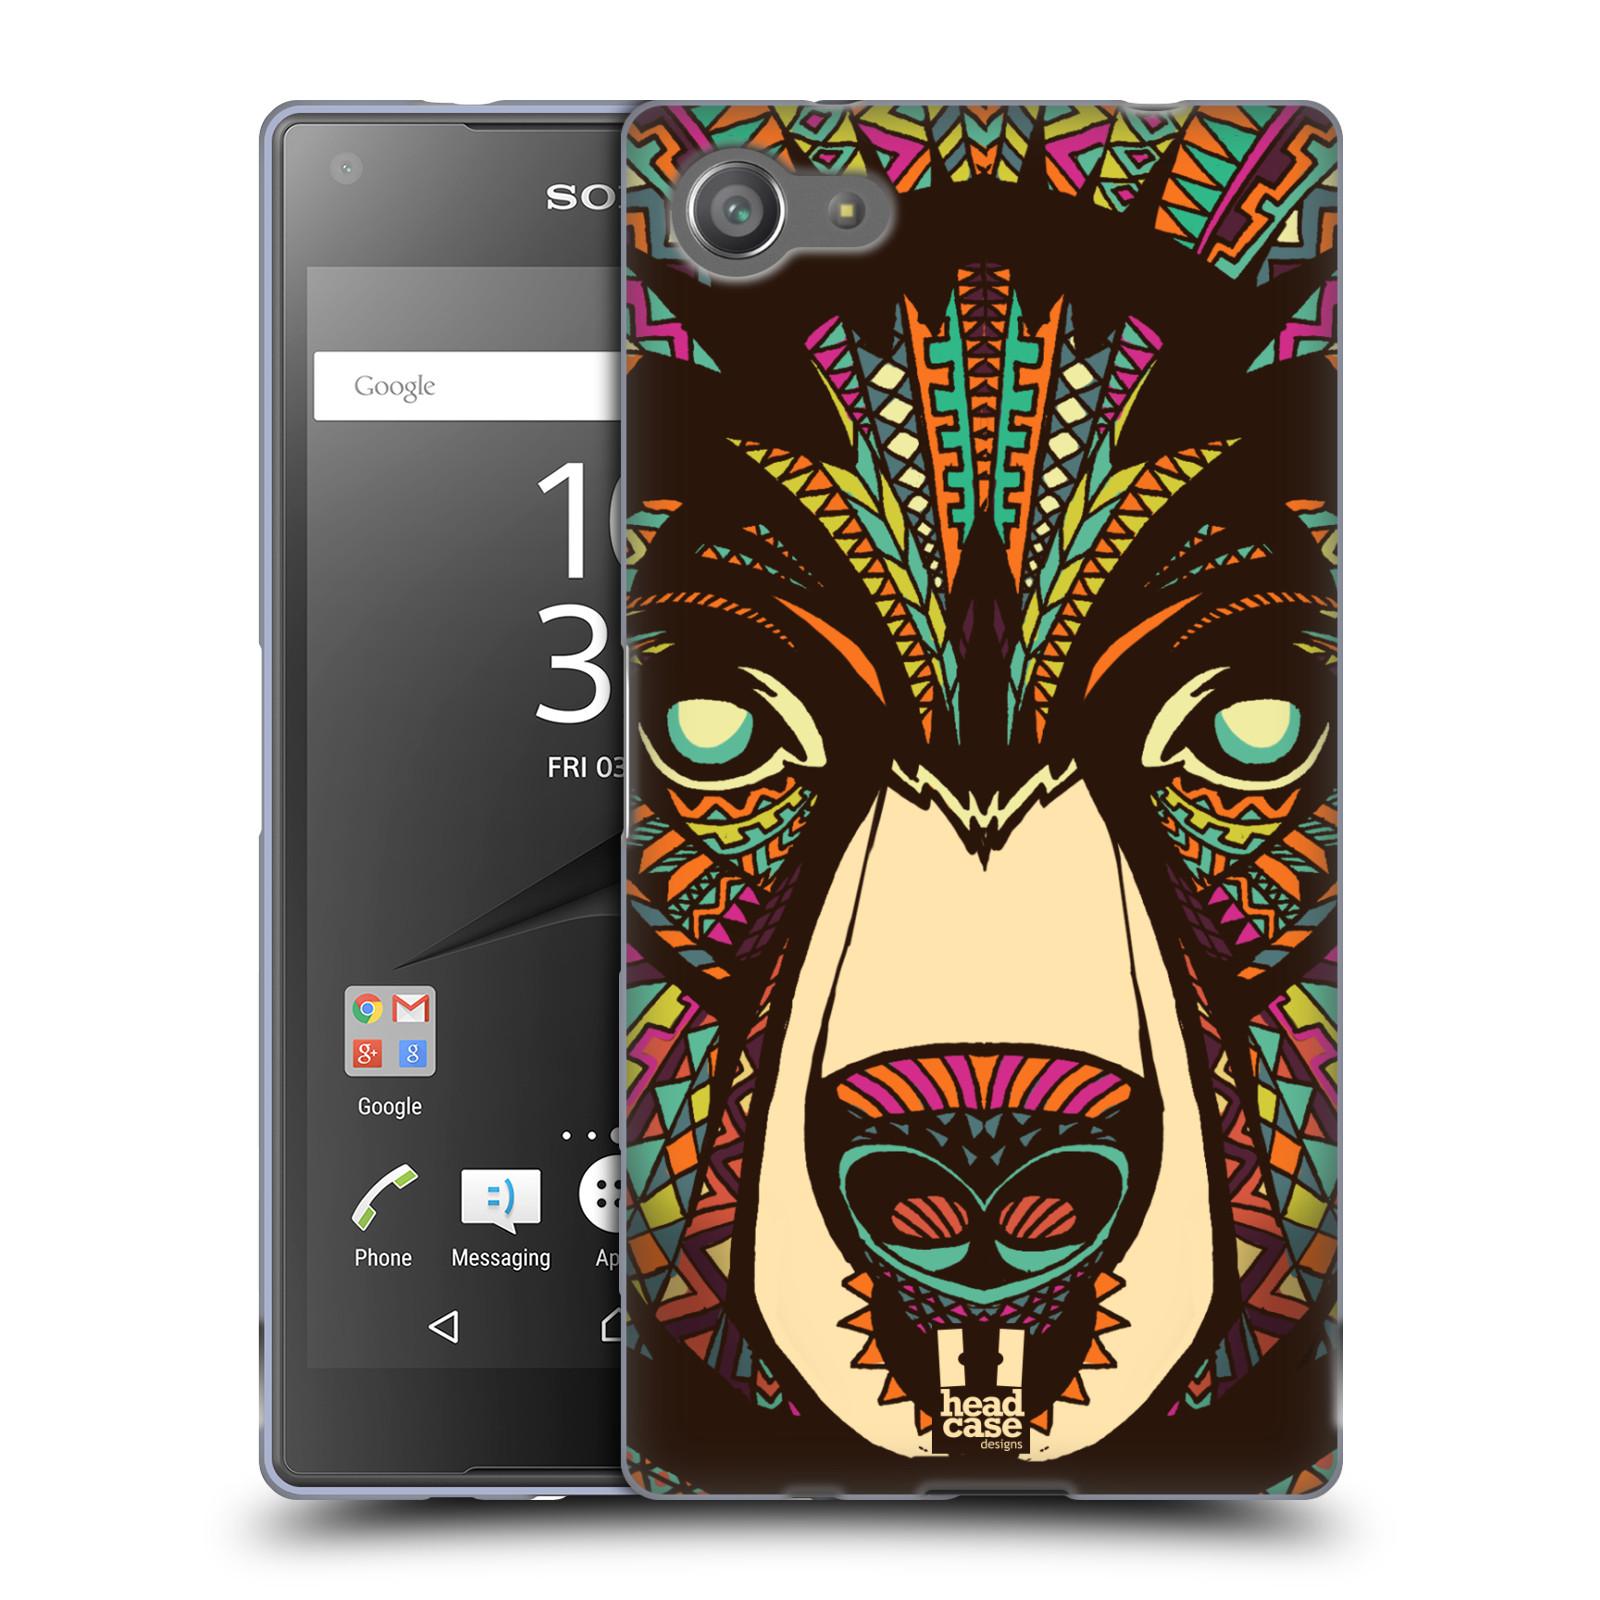 Silikonové pouzdro na mobil Sony Xperia Z5 Compact HEAD CASE AZTEC MEDVĚD